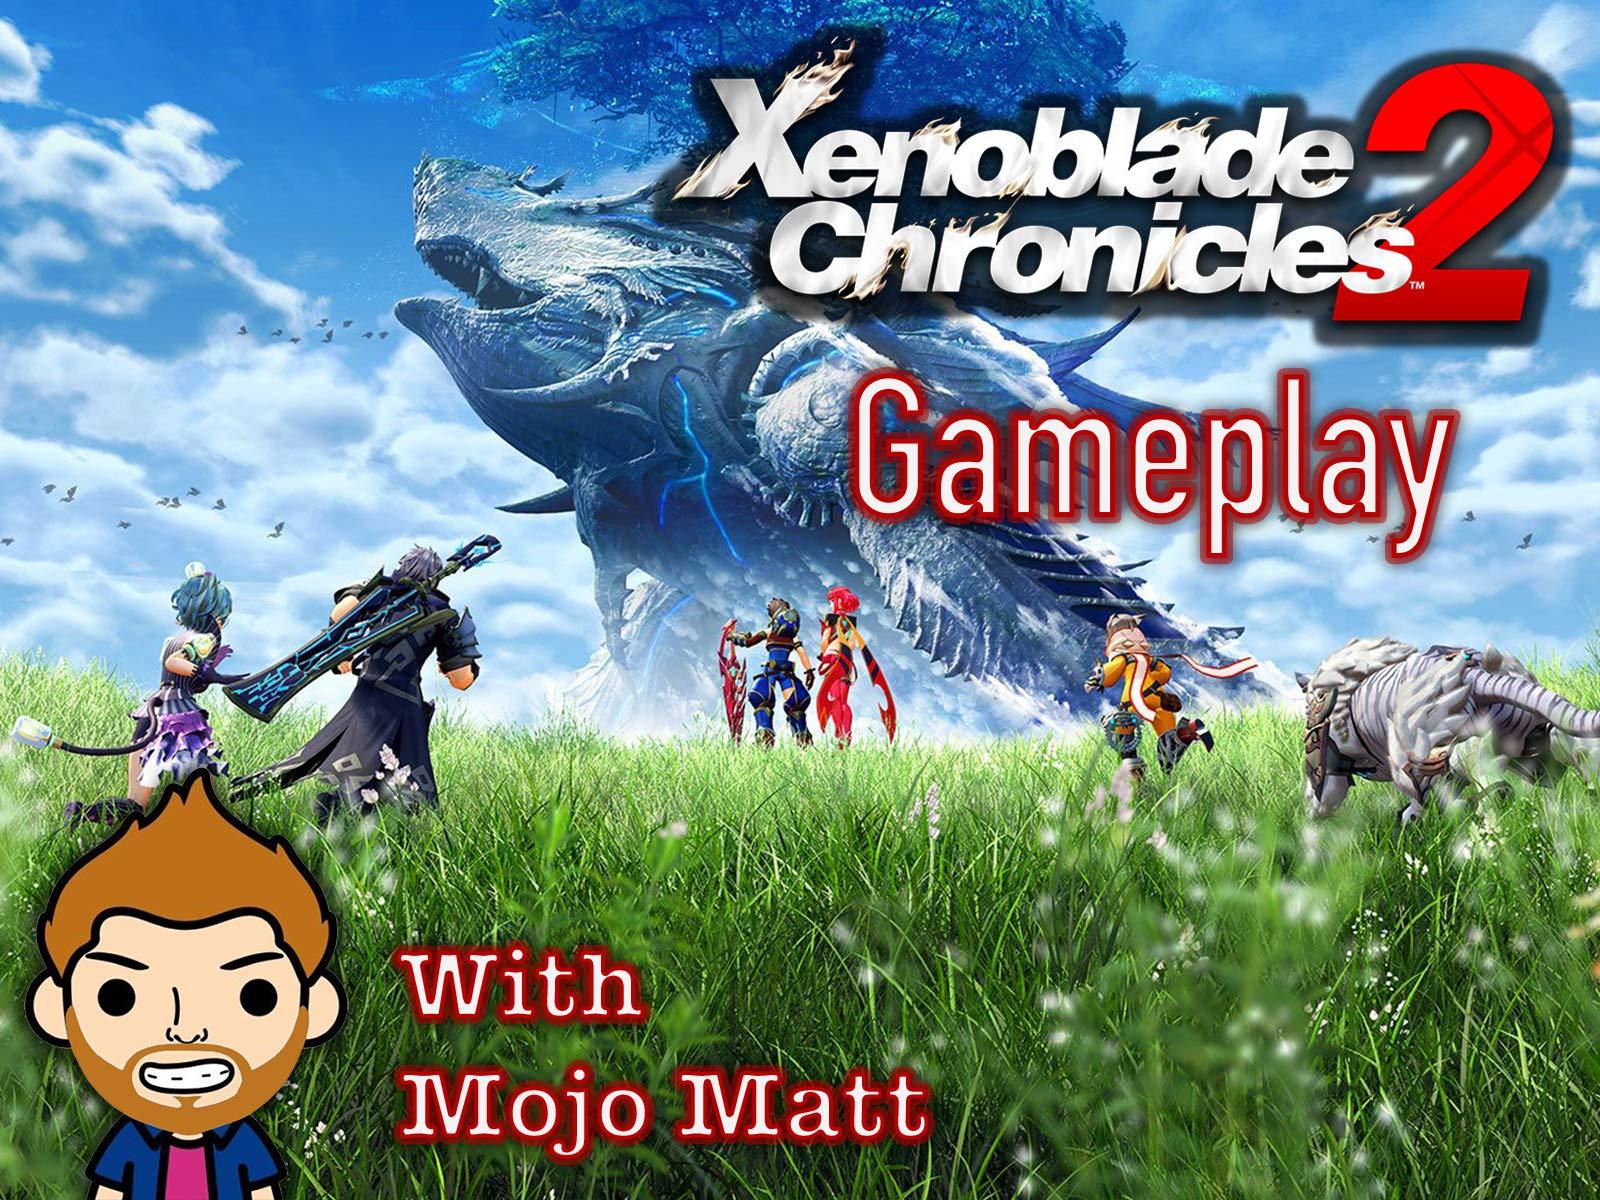 Xenoblade Chronicles 2 Gameplay With Mojo Matt - Season 1